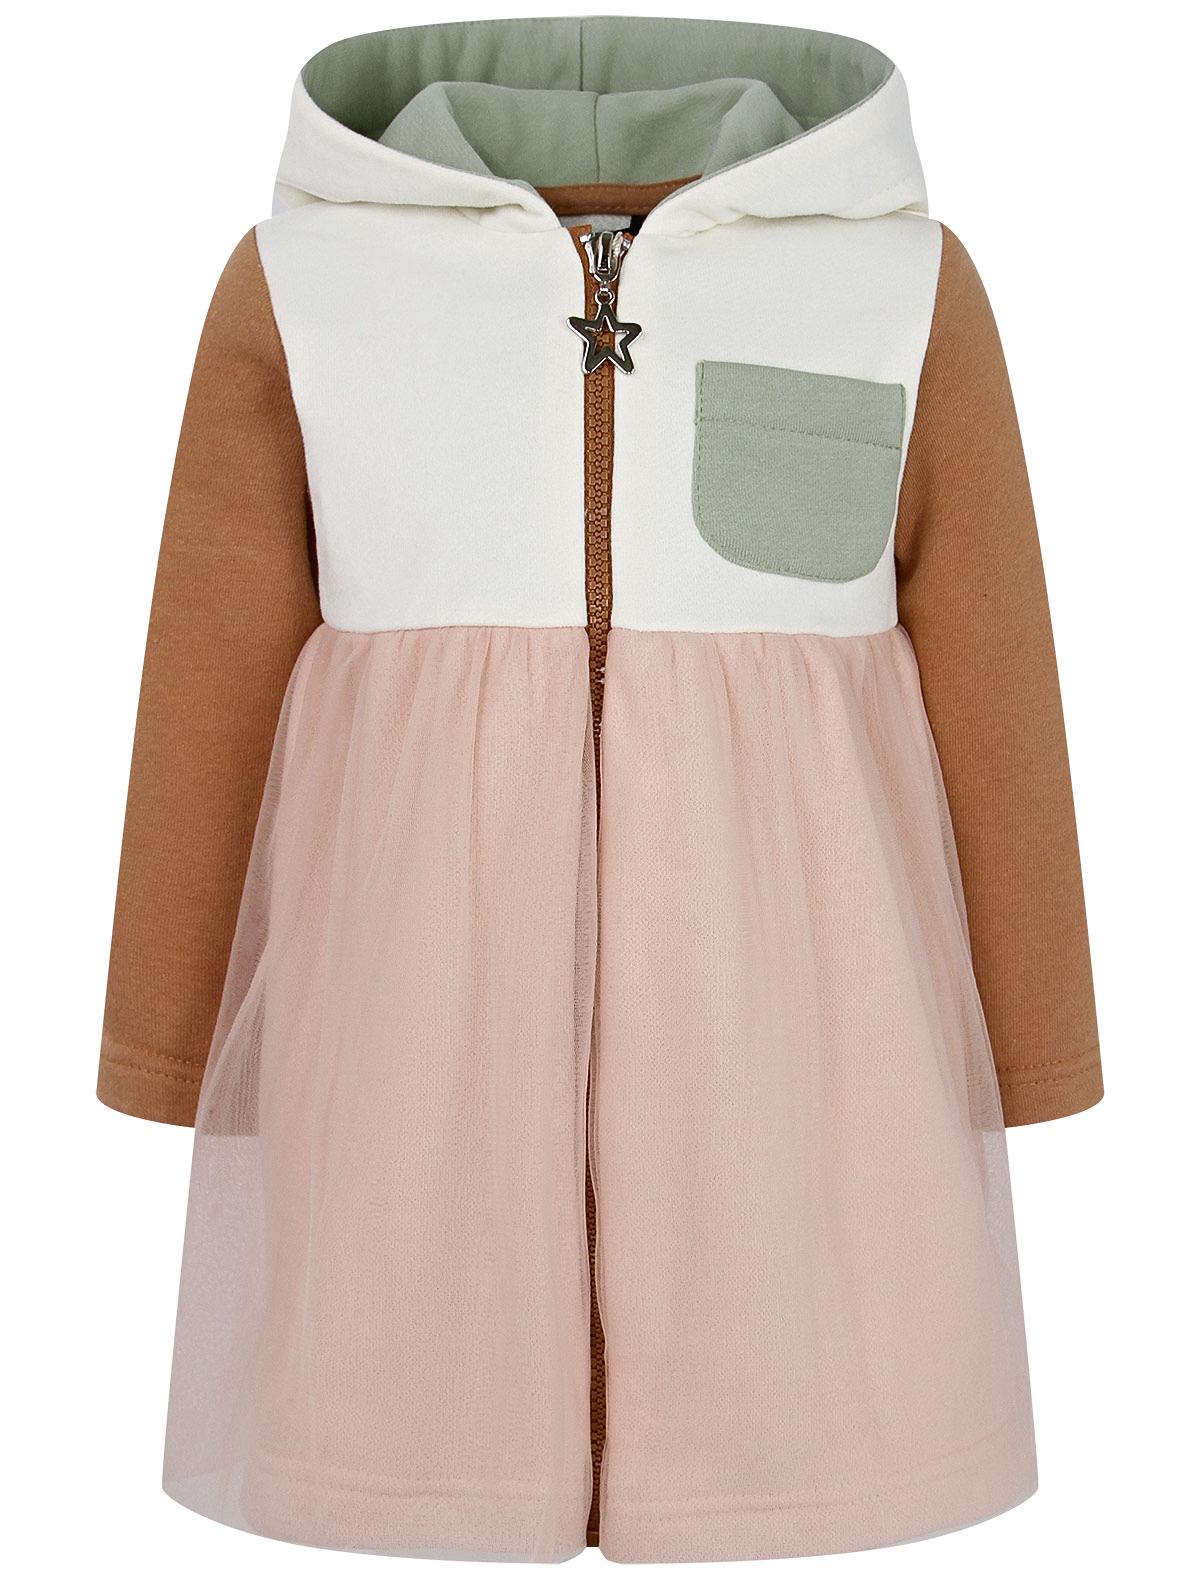 Купить 2268350, Платье MIA GIA, разноцветный, Женский, 1054500080269